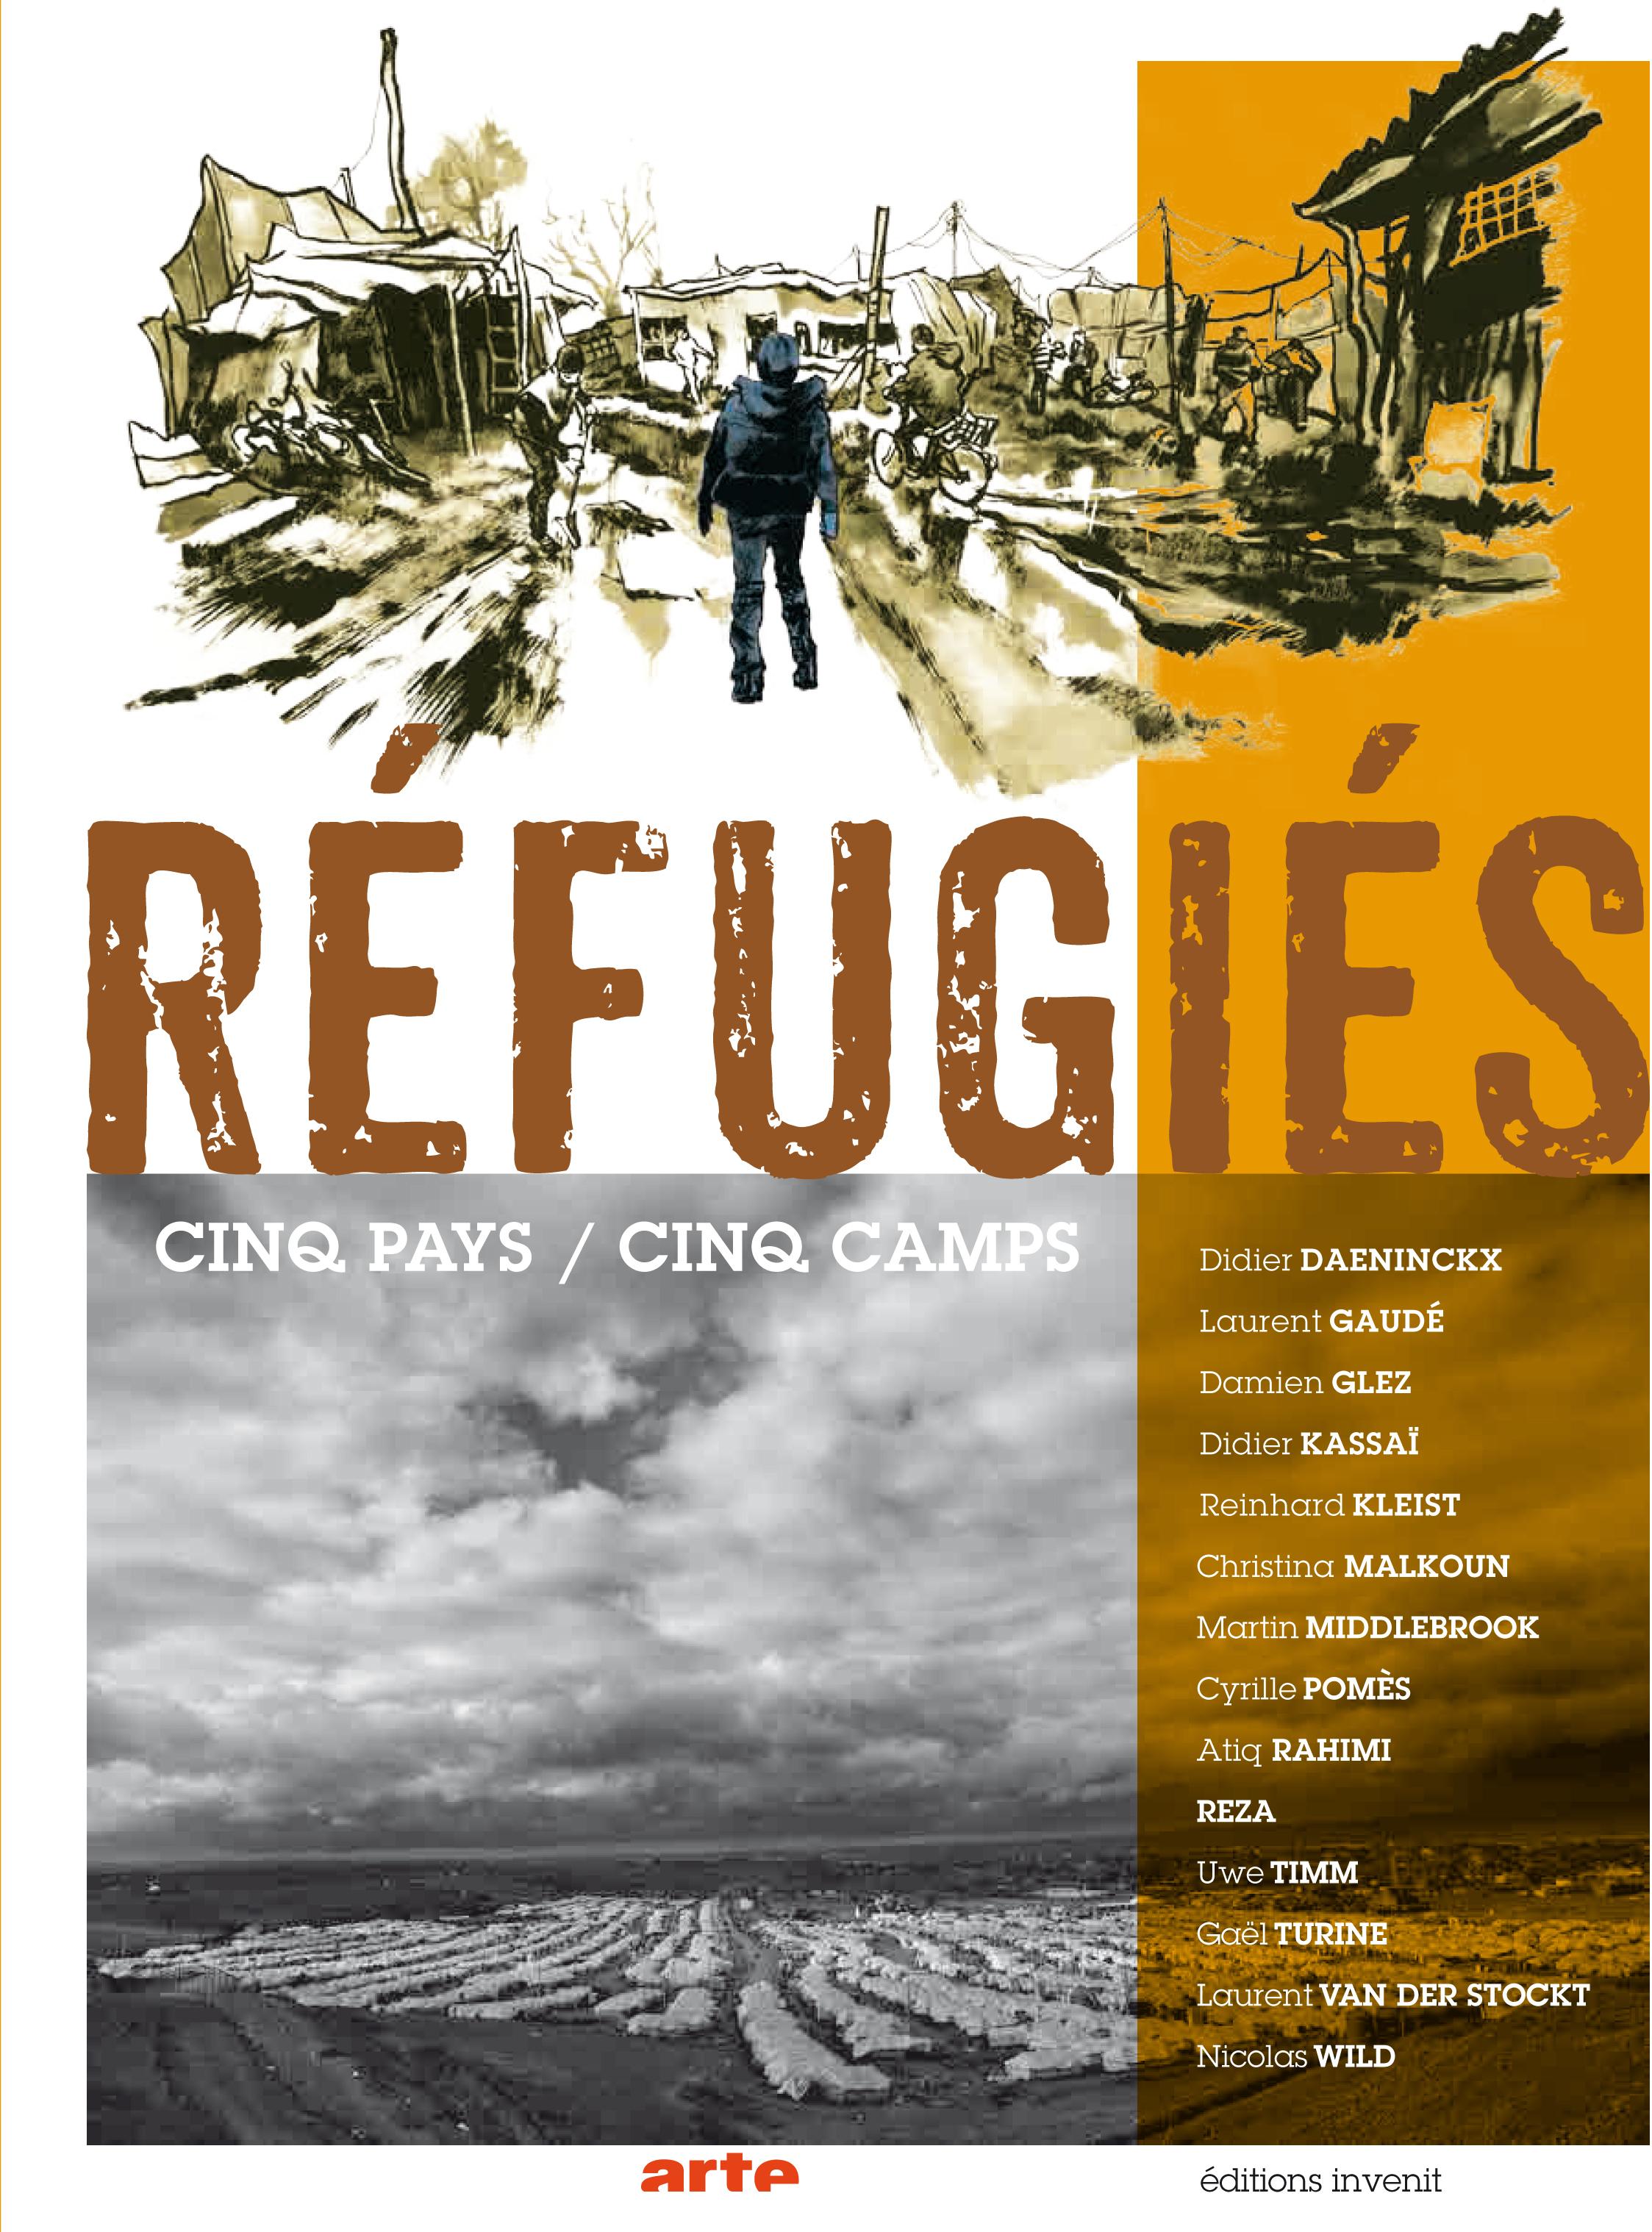 Arte et invenit s'engagent pour les réfugiés